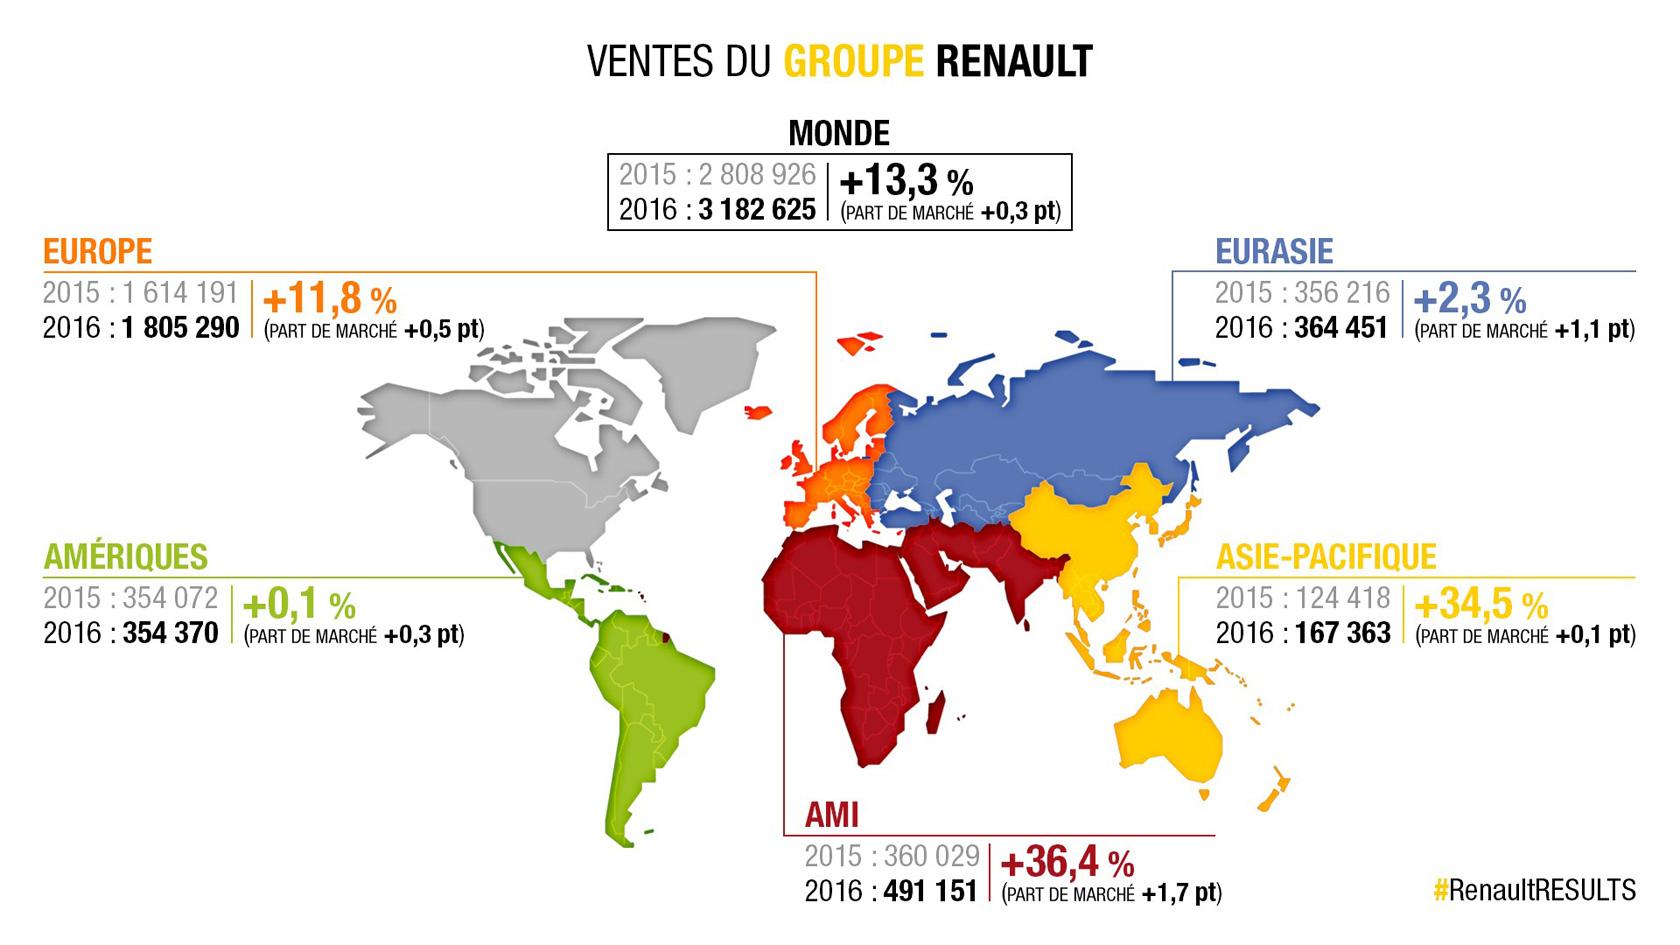 Le groupe Renault détient désormais 38,5% de parts de marché au Maghreb